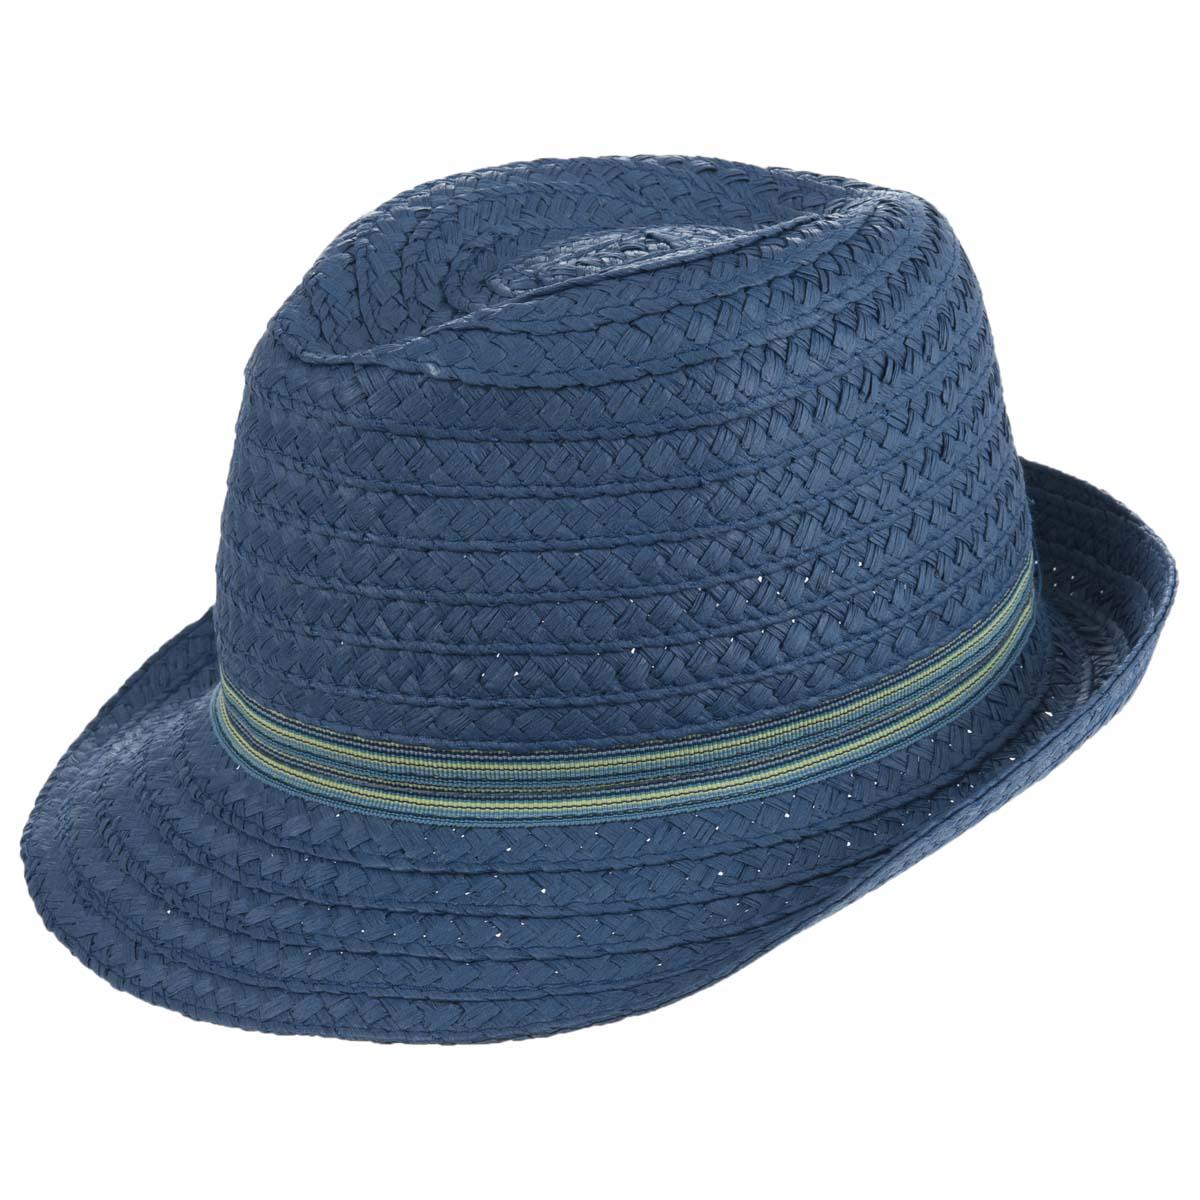 cappello Trilby firmato ALESSANDRA BACCI 0bdab603ccc2